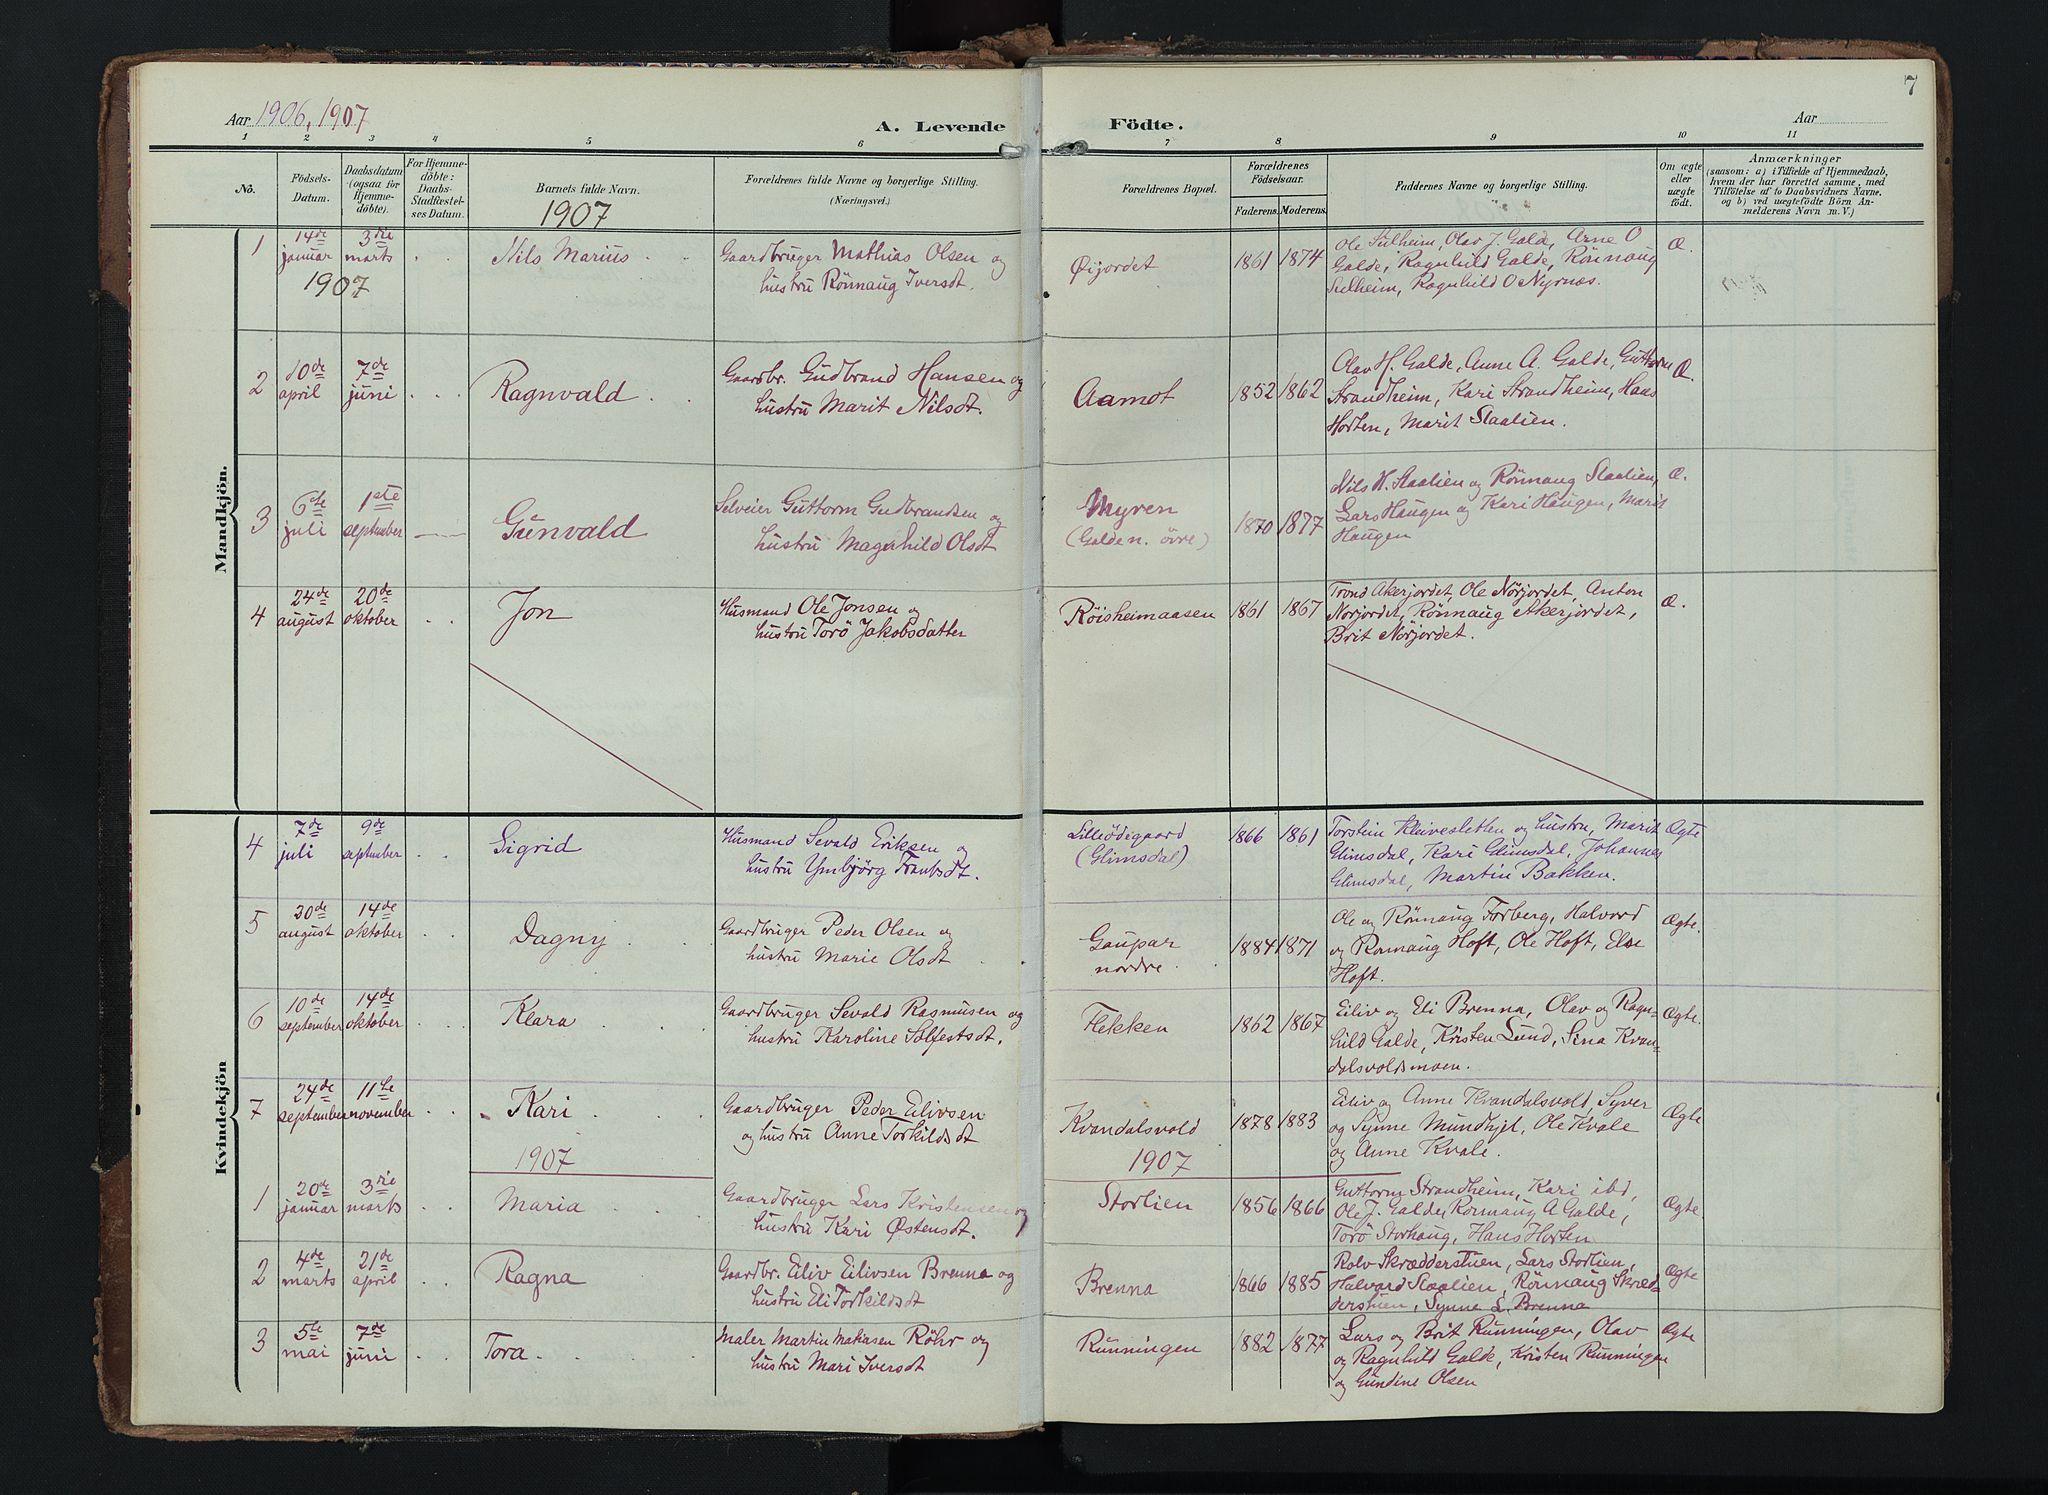 SAH, Lom prestekontor, K/L0012: Ministerialbok nr. 12, 1904-1928, s. 7